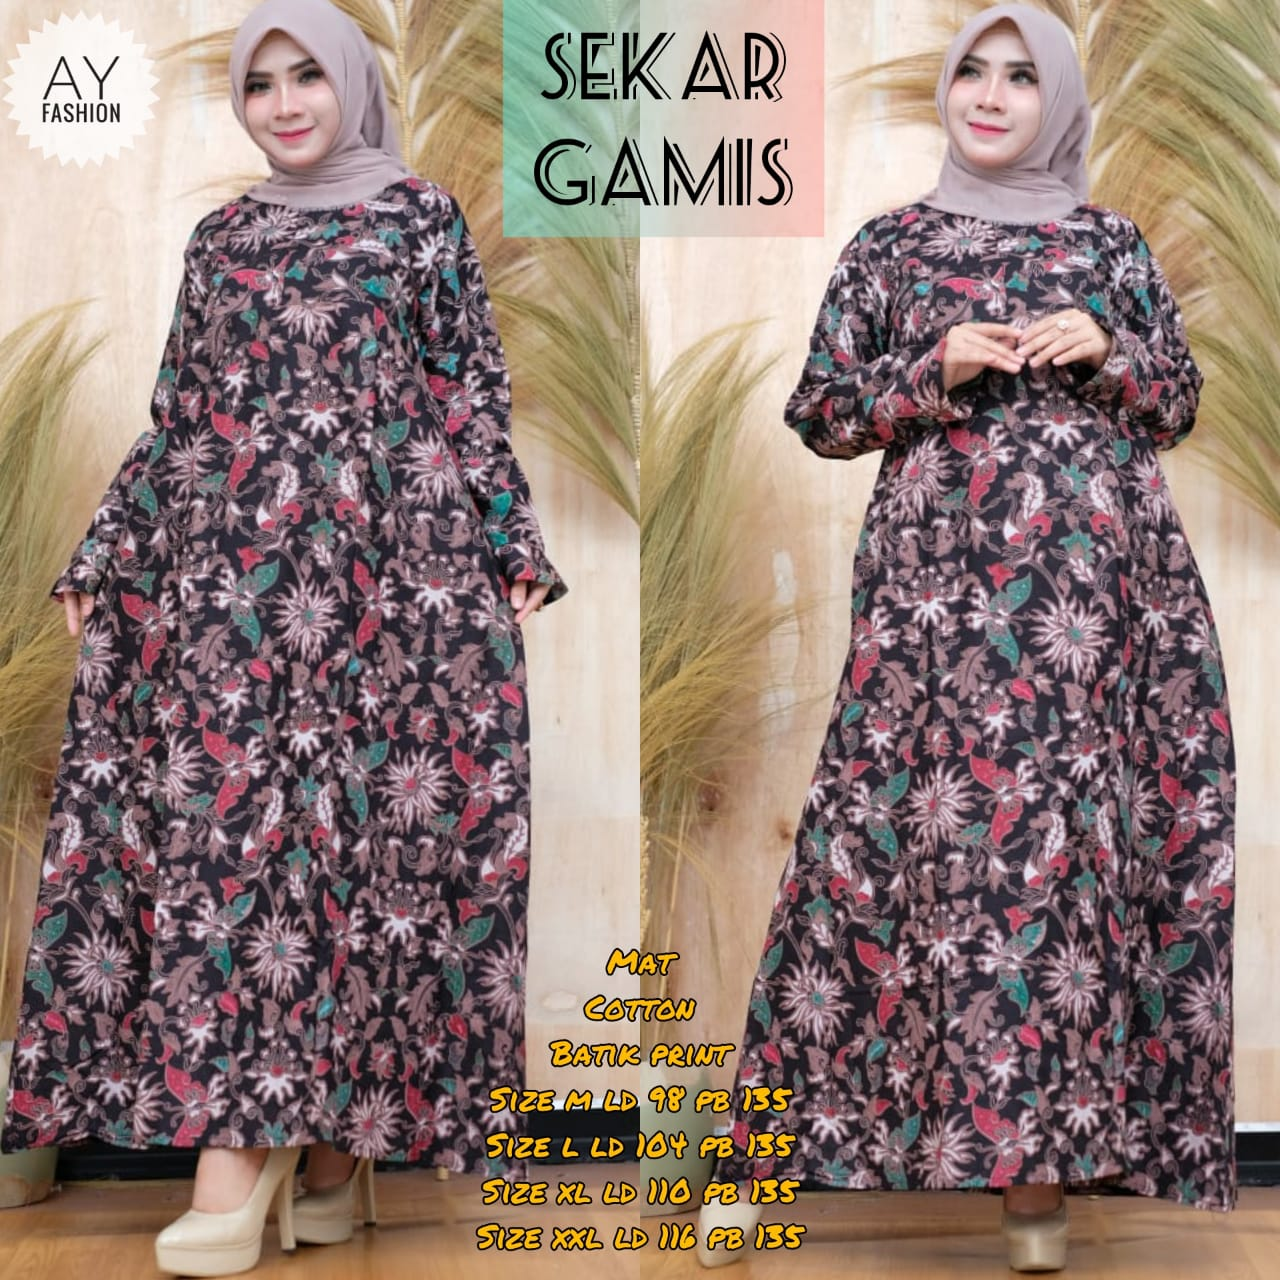 Sekar Gamis Cotton Batik PRintModel Gamis Terbaru 8 Untuk RemajaModel  Baju dress Panjang EleganDress Baju Muslim Wanita TerbaruSketsa Baju